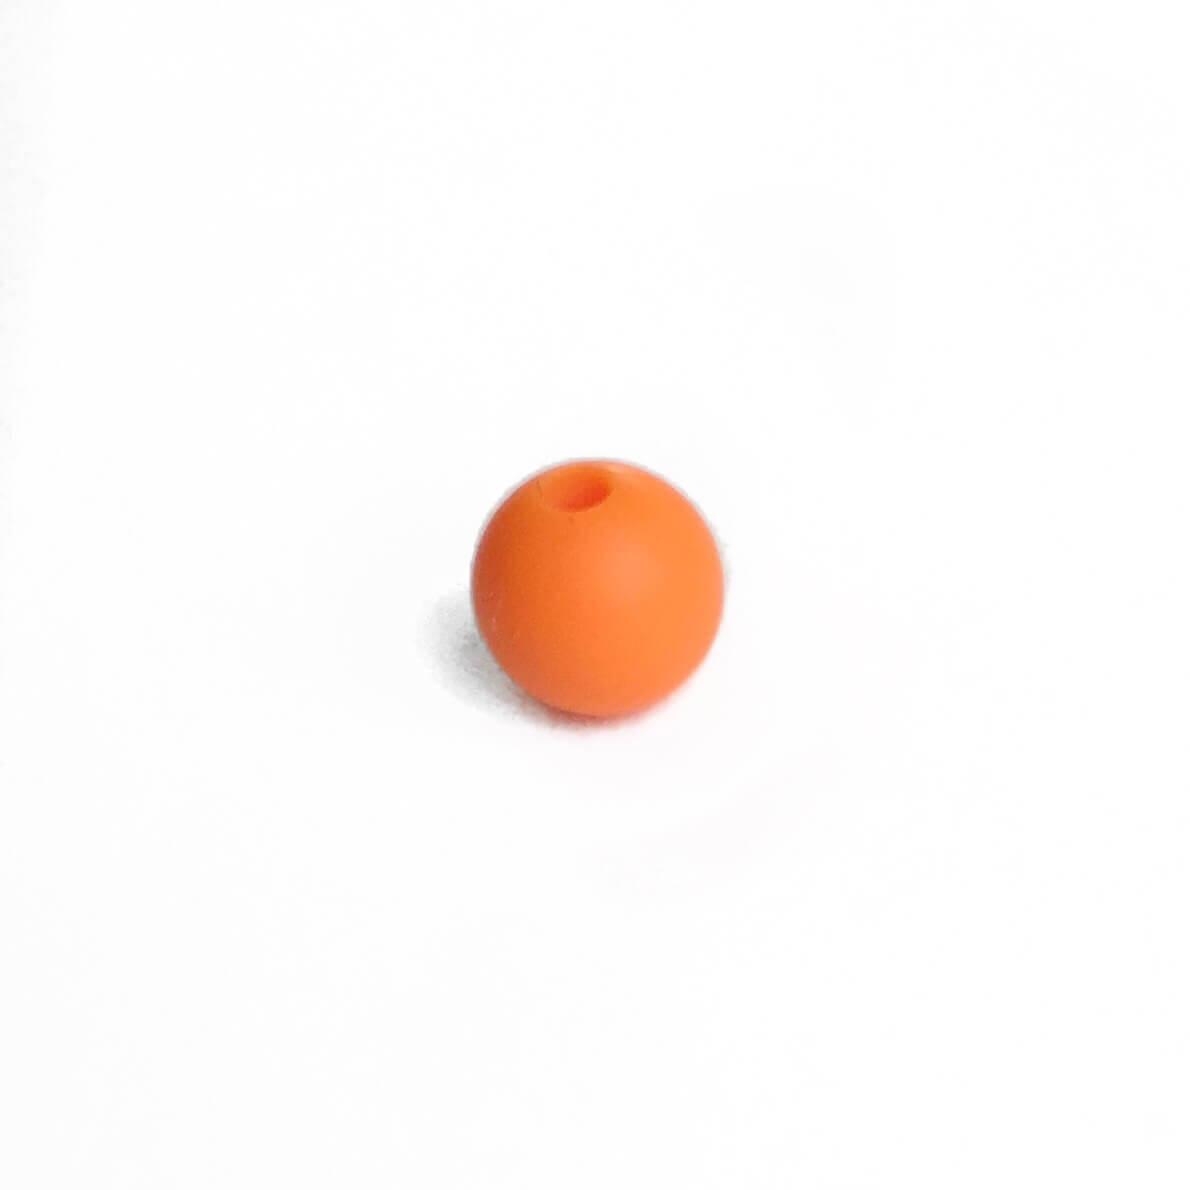 9мм (оранжевая) круглая, силиконовая бусина